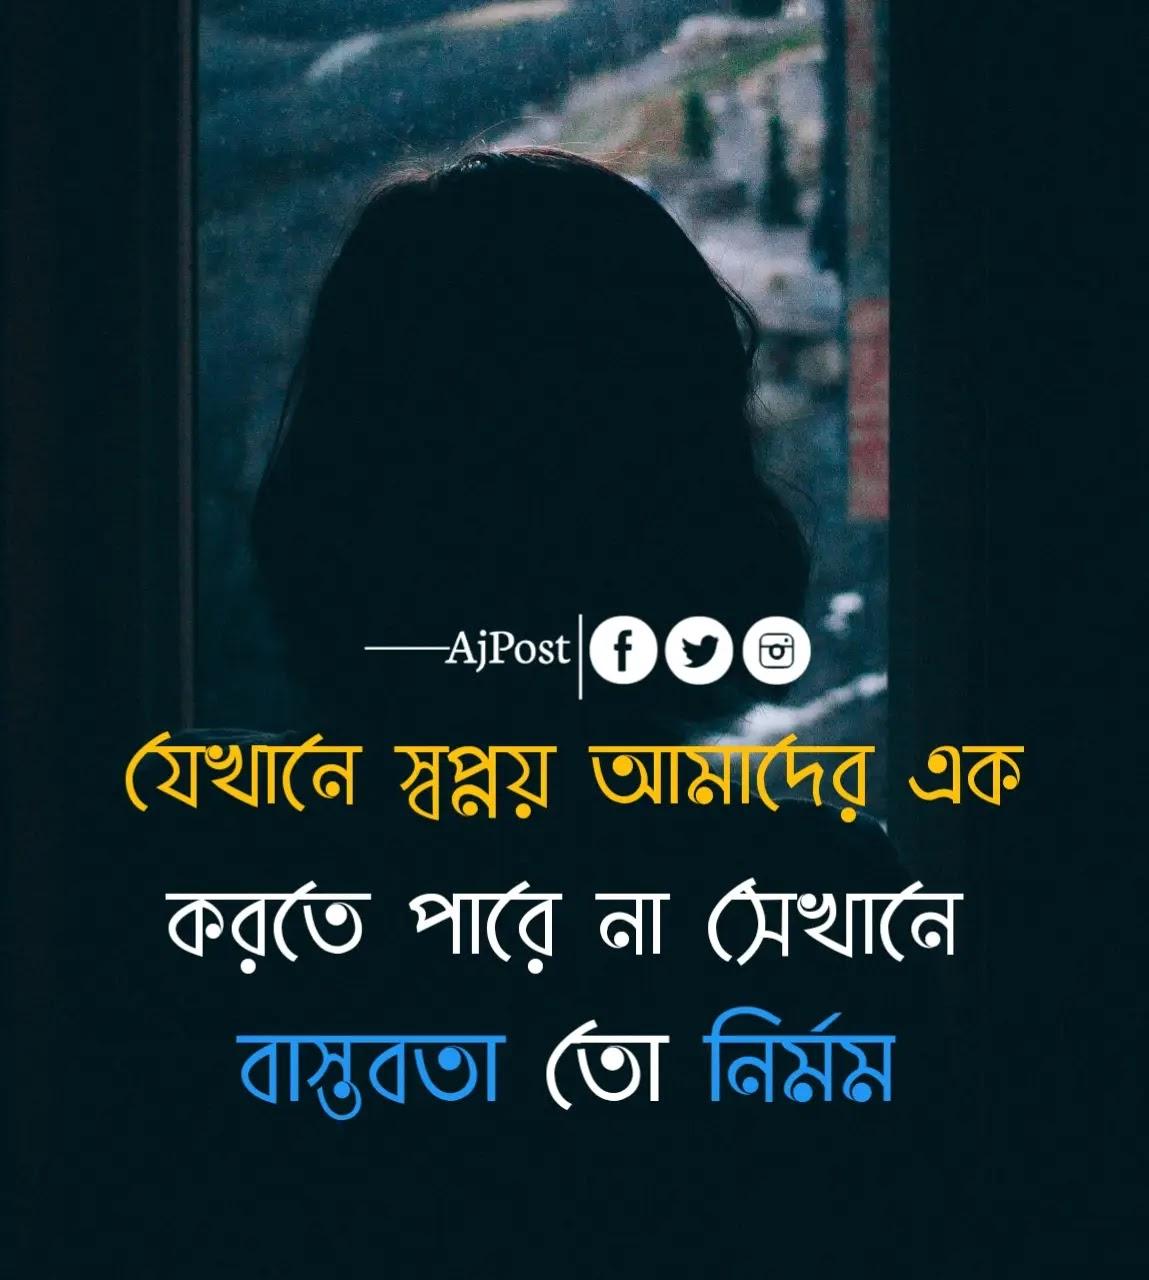 Sad Shayari Bengali Photos